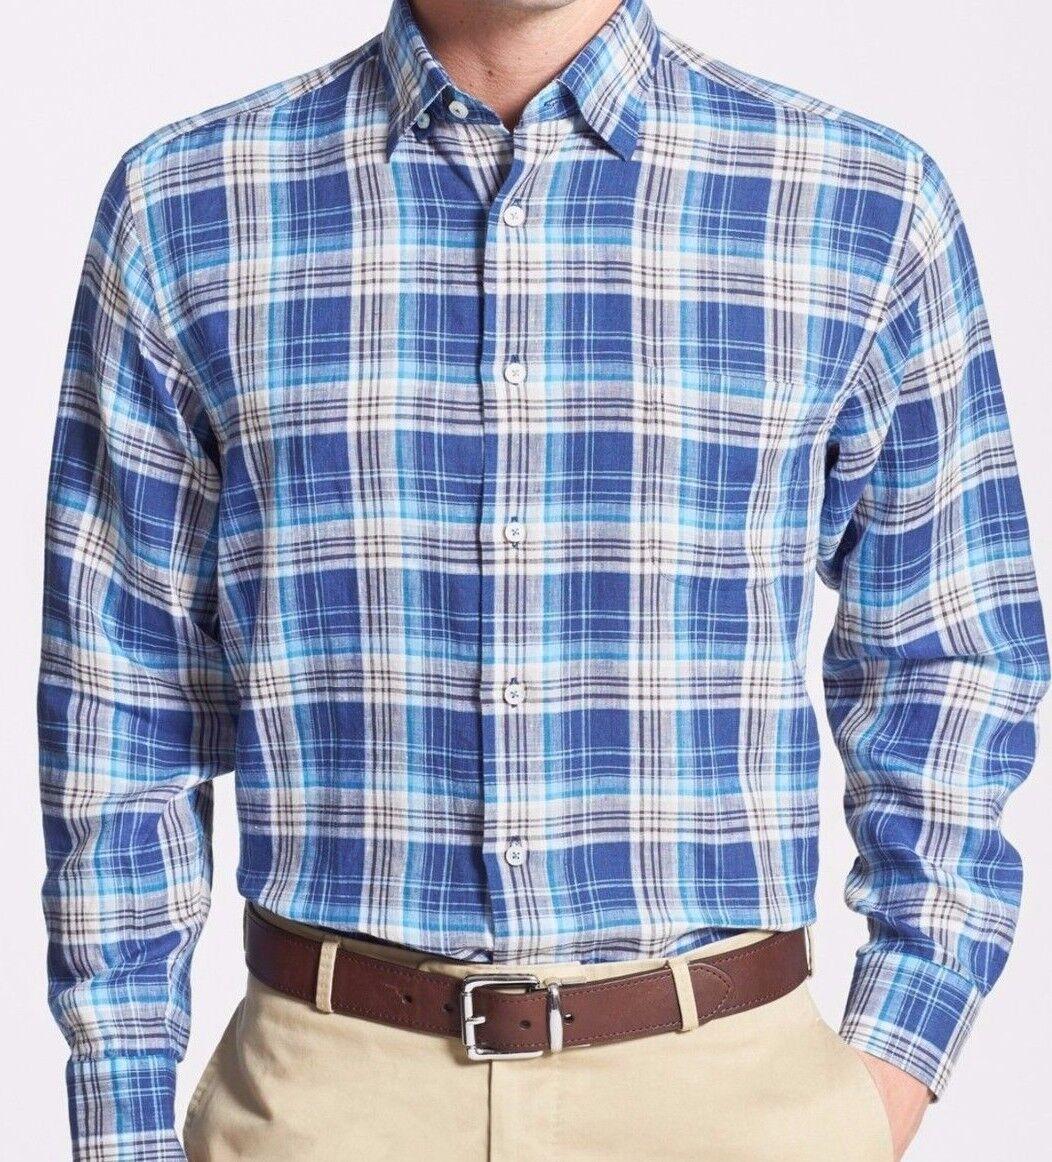 ROBERT TALBOTT XL Regular Fit Anderson bluee Plaid Men's Shirt